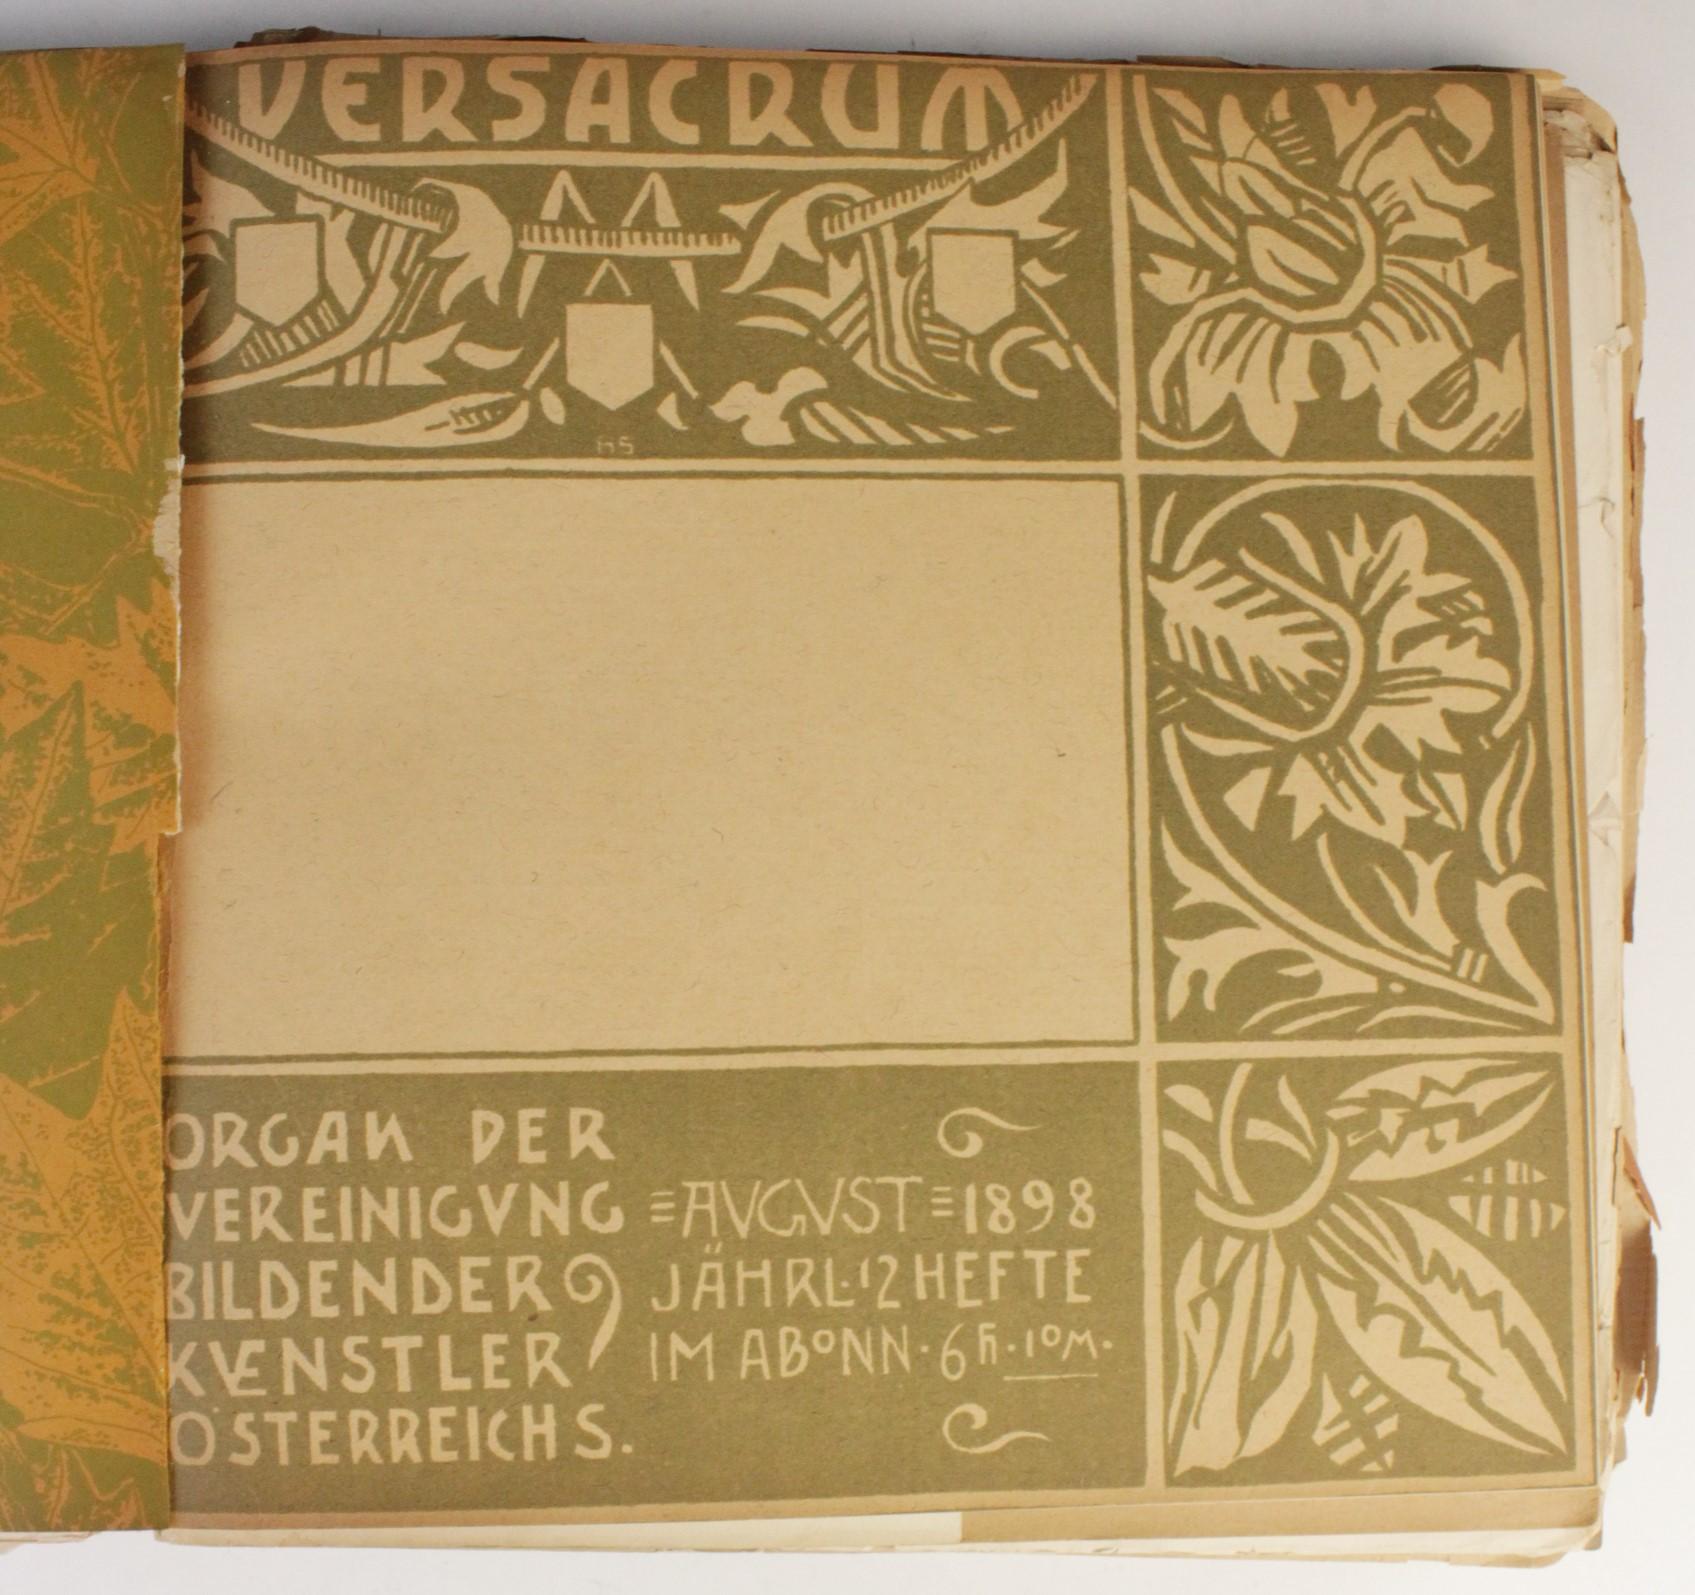 VER SACRUM, ORGAN DER JEREINIGUNG BILDENDER KUENSTLER OSTERREICHS [ORGAN OF THE PURIFICATION OF - Image 9 of 16